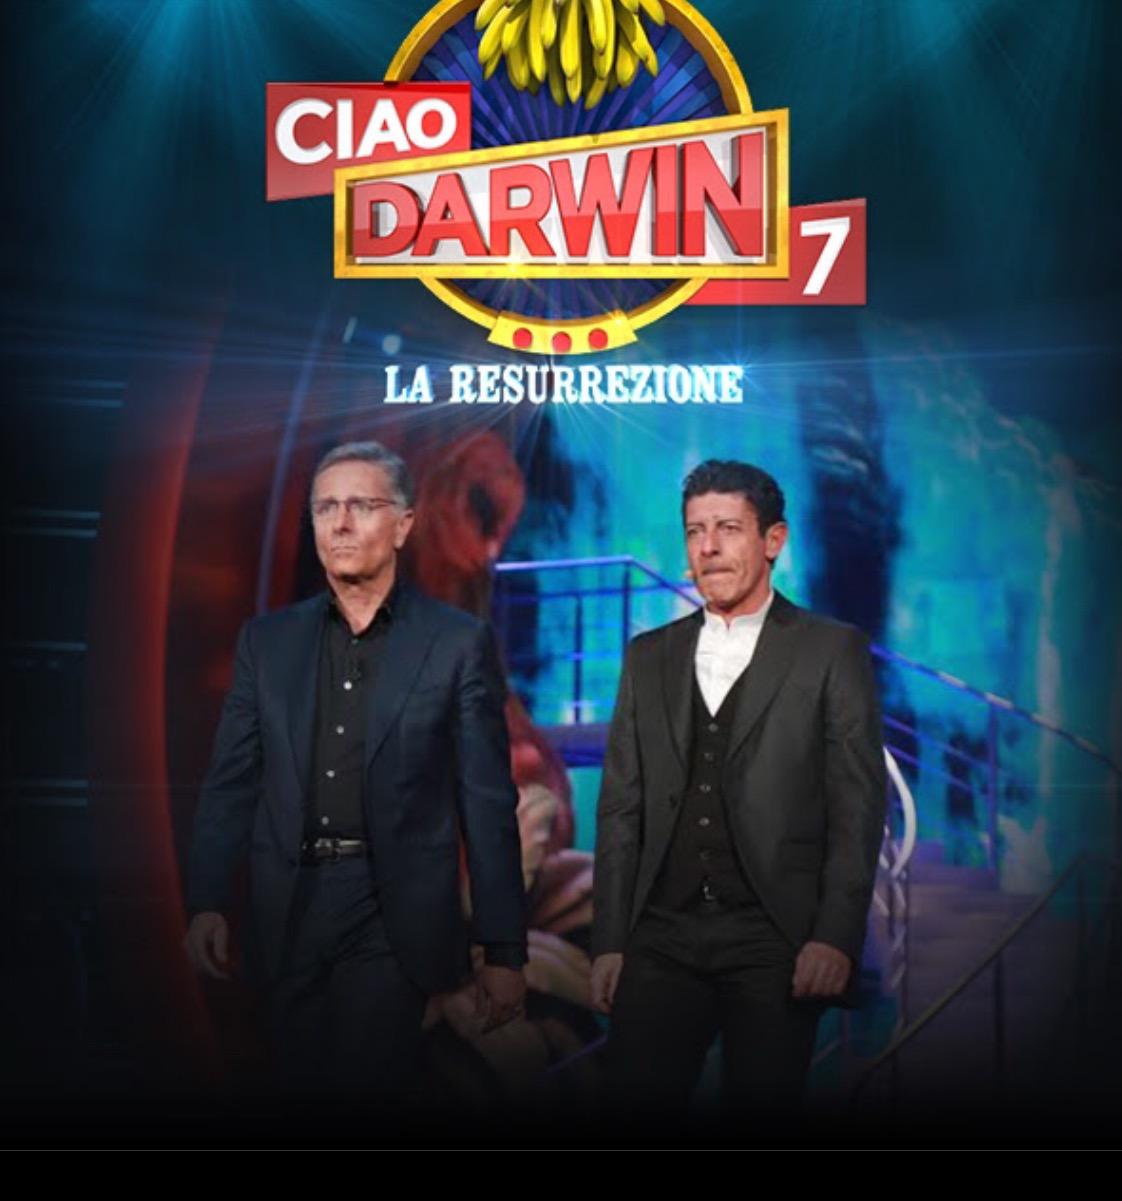 Ciao Darwin Paolo Bonolis Luca Laurenti show televisivo varietà